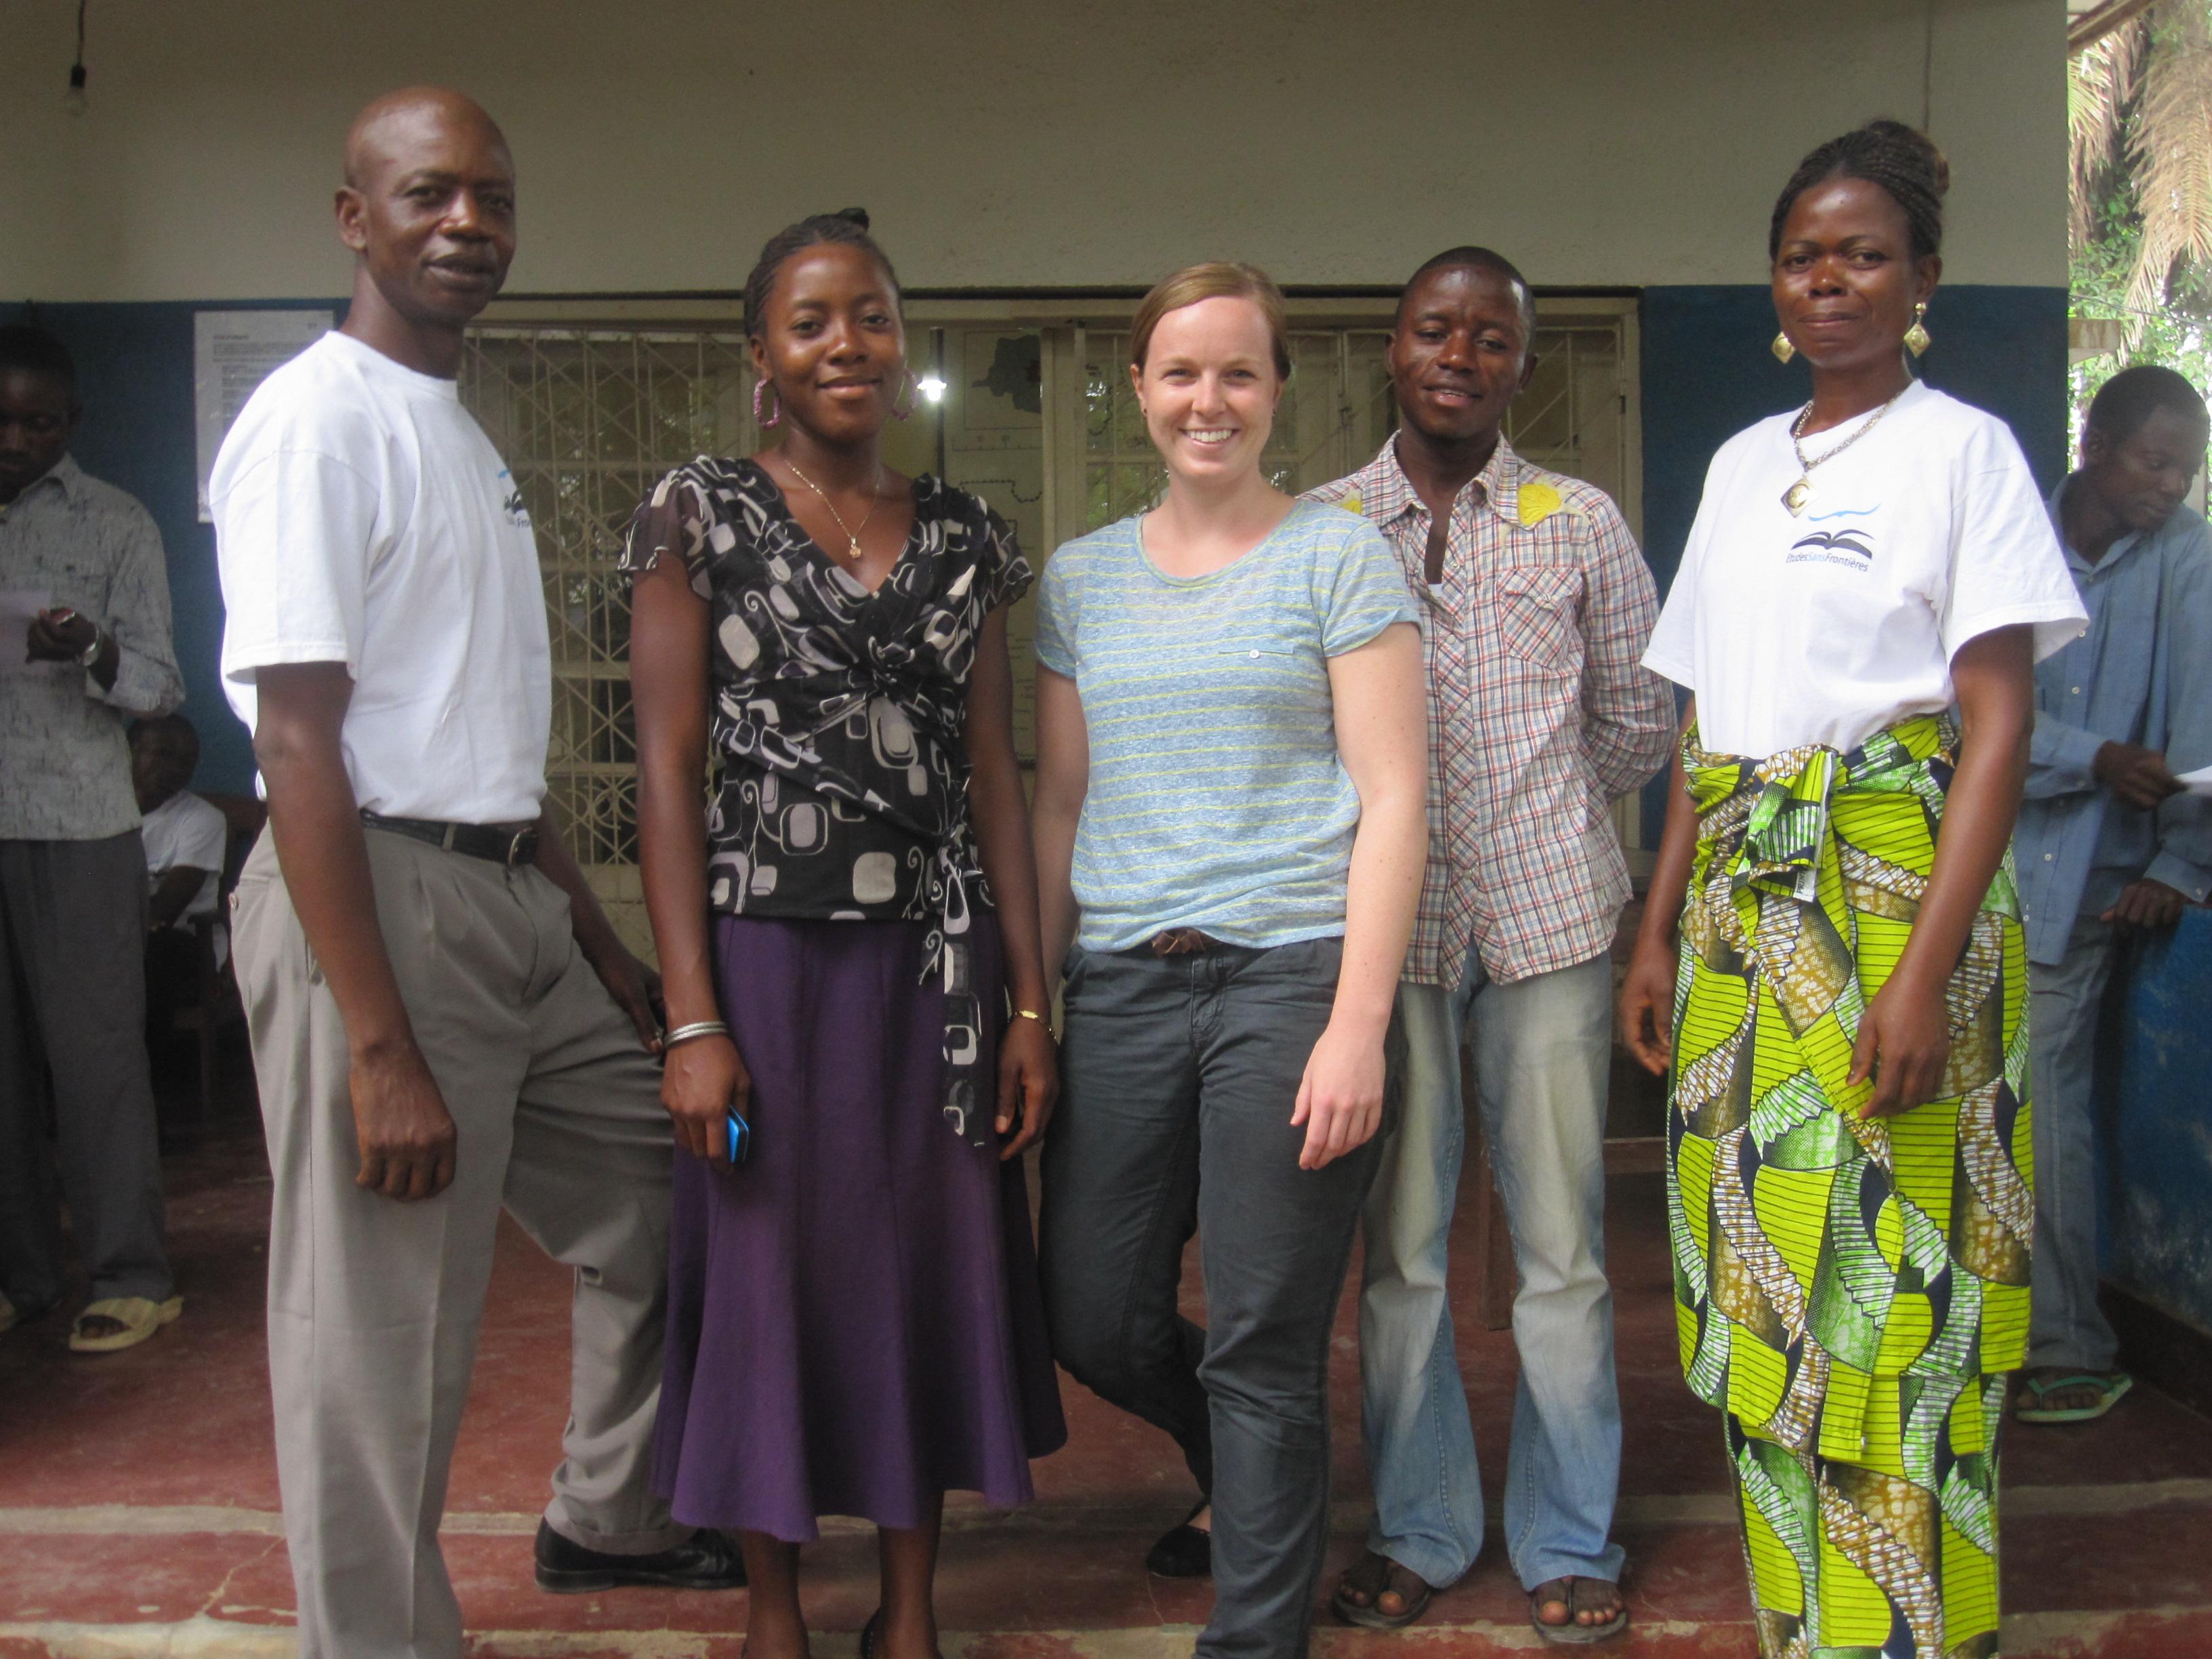 Betreuer des Projekts Studieren Ohne Grenzen